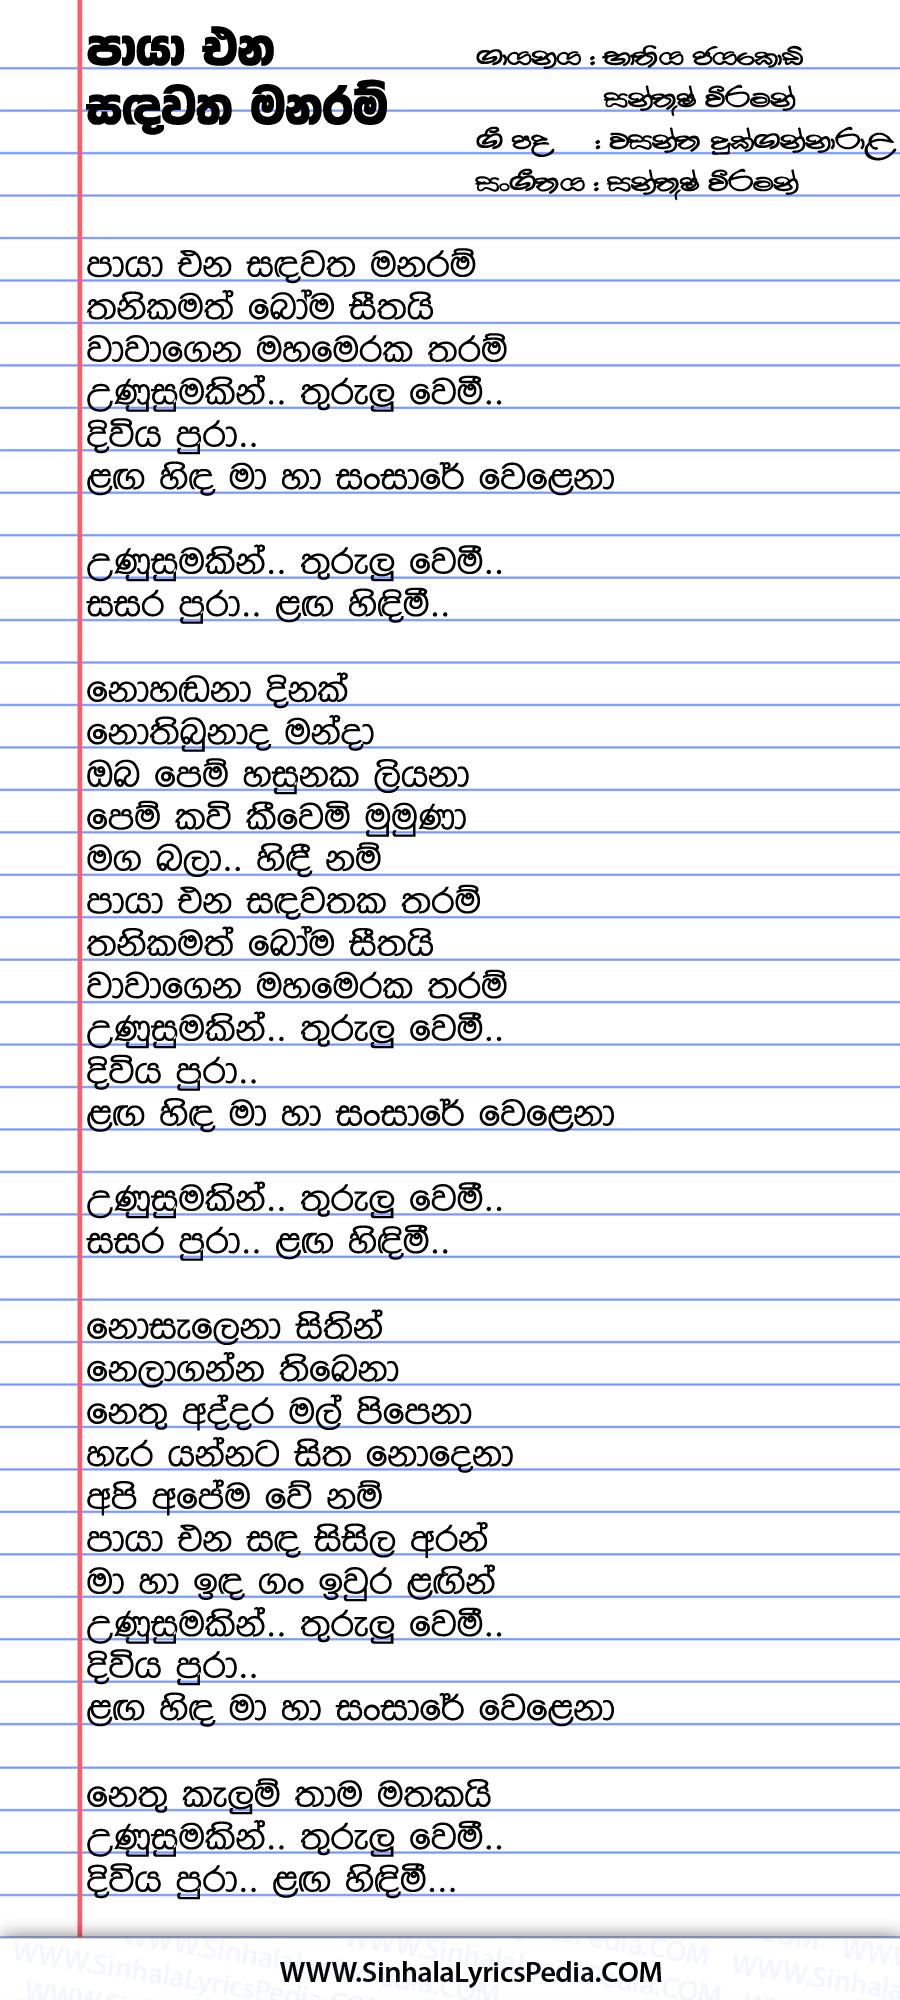 Paya Ena Sandawatha Manaram Song Lyrics